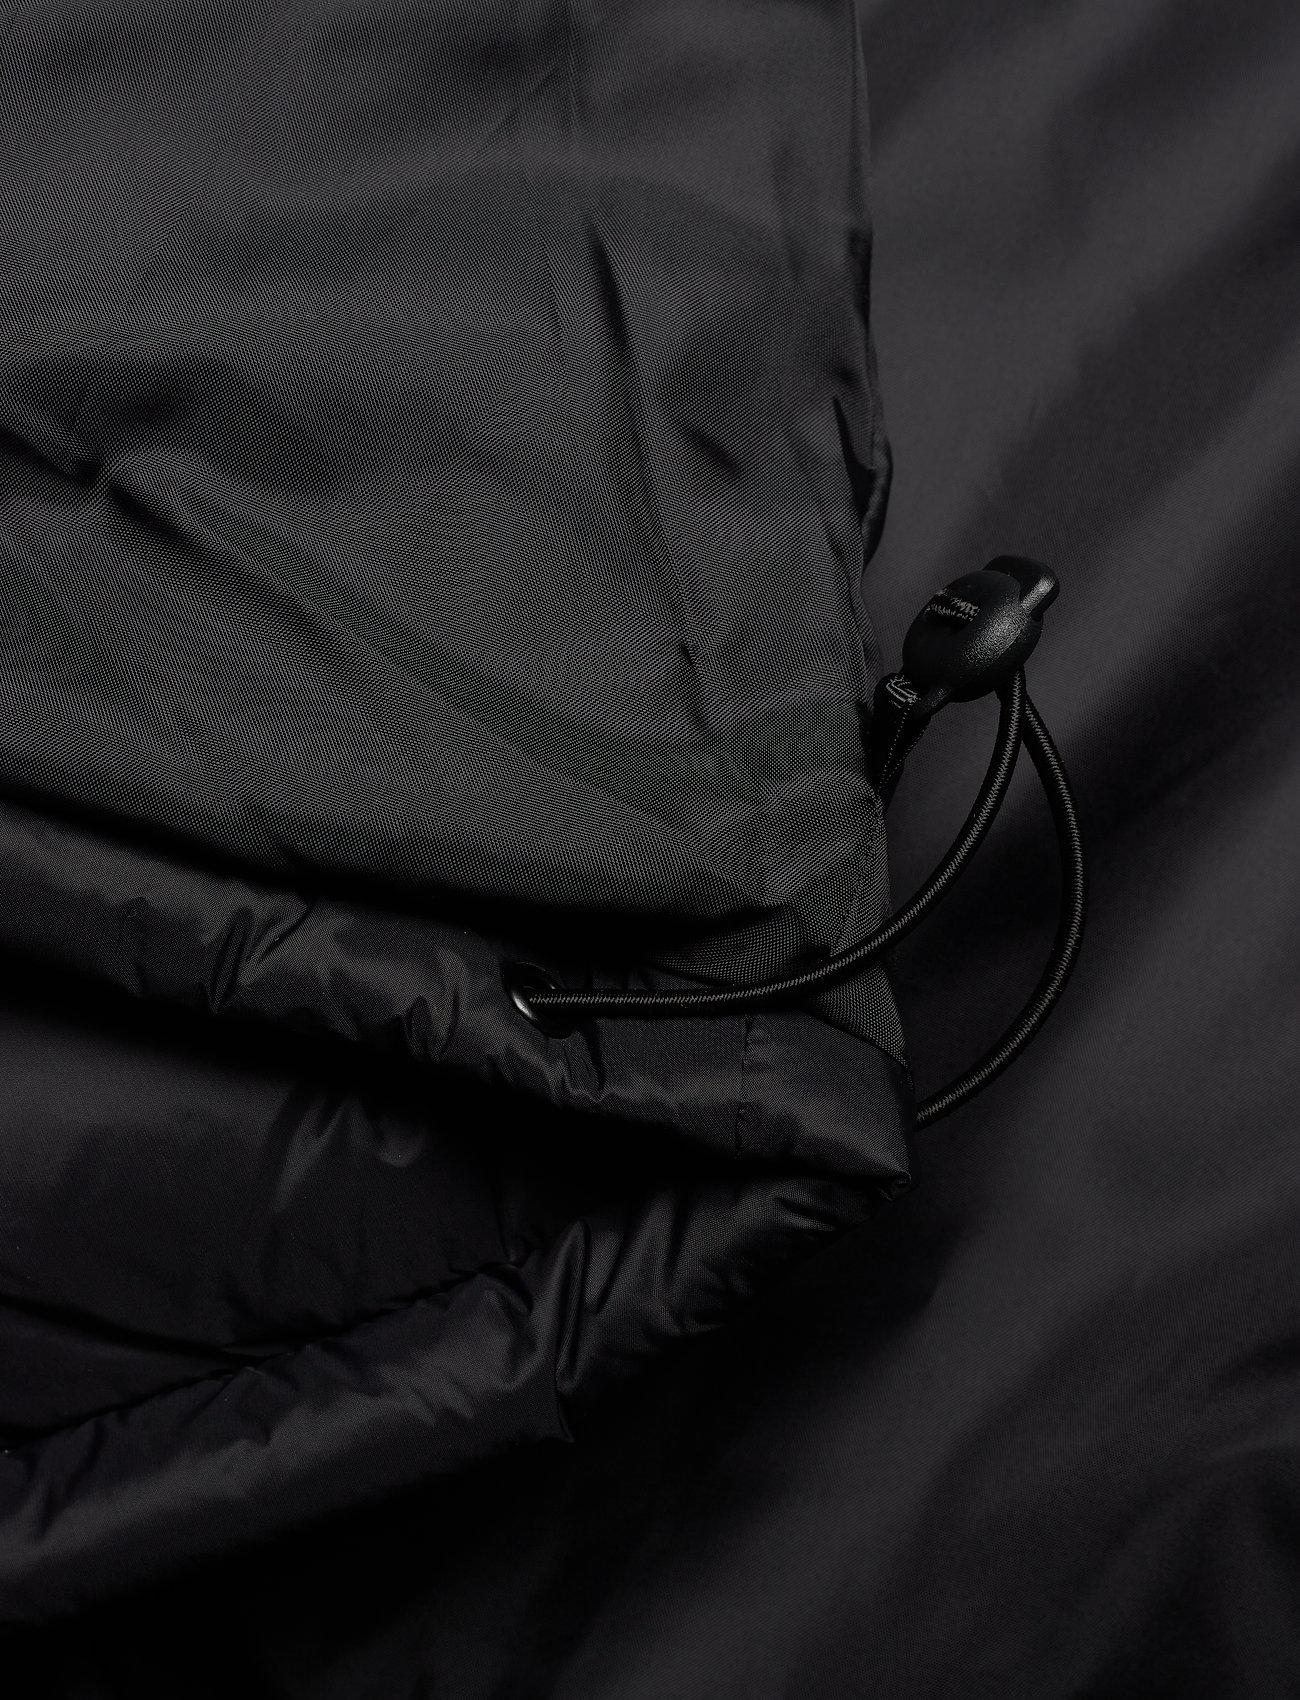 FILA MEN SCOOTER puffer jacket - Jakker og frakker BLACK - Menn Klær